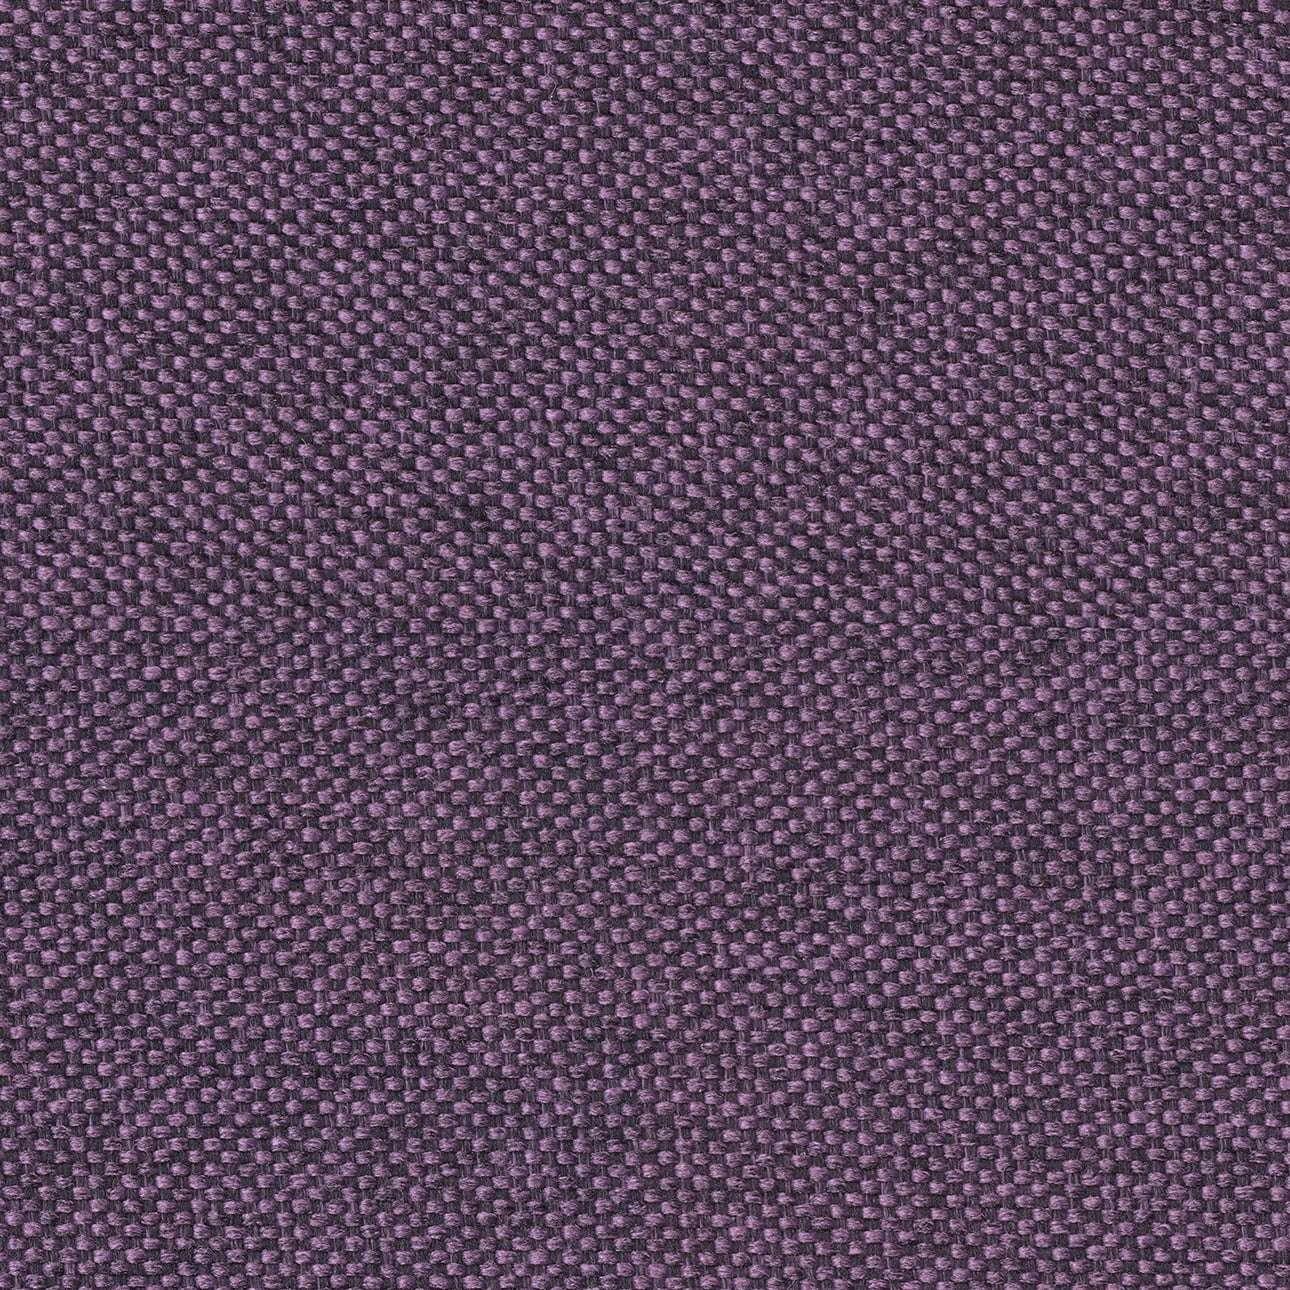 Kramfors päällinen kolmen istuttava mallistosta Etna - ei verhoihin, Kangas: 161-27